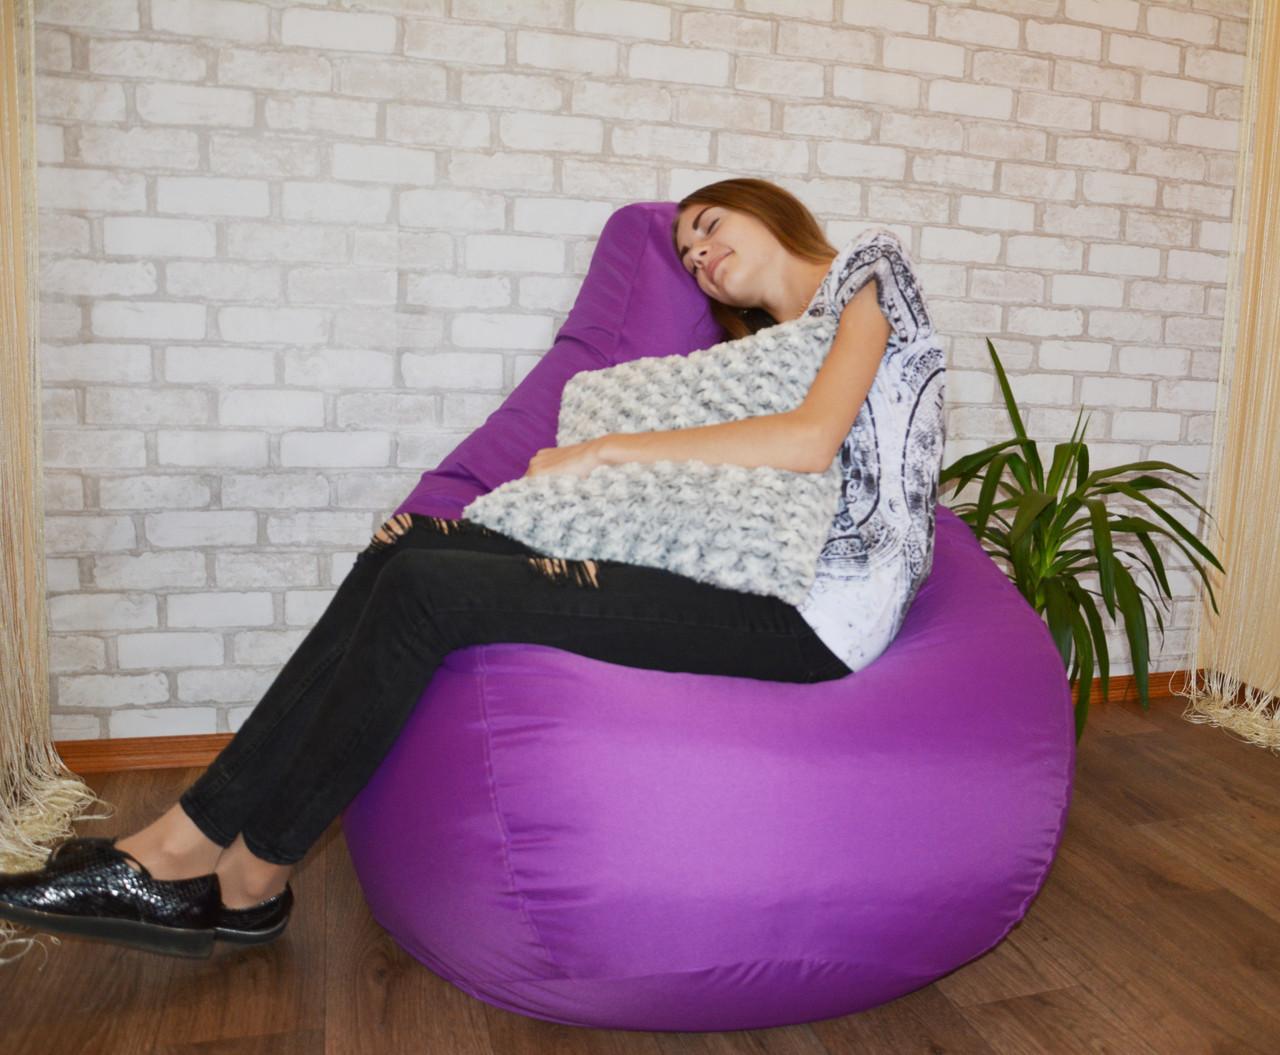 Кресло Мешок, Мягкий Пуф, бескаркасное кресло Груша ХXXL 140*100  фиолетовый ( разные цвета) Большой! Оксфорд